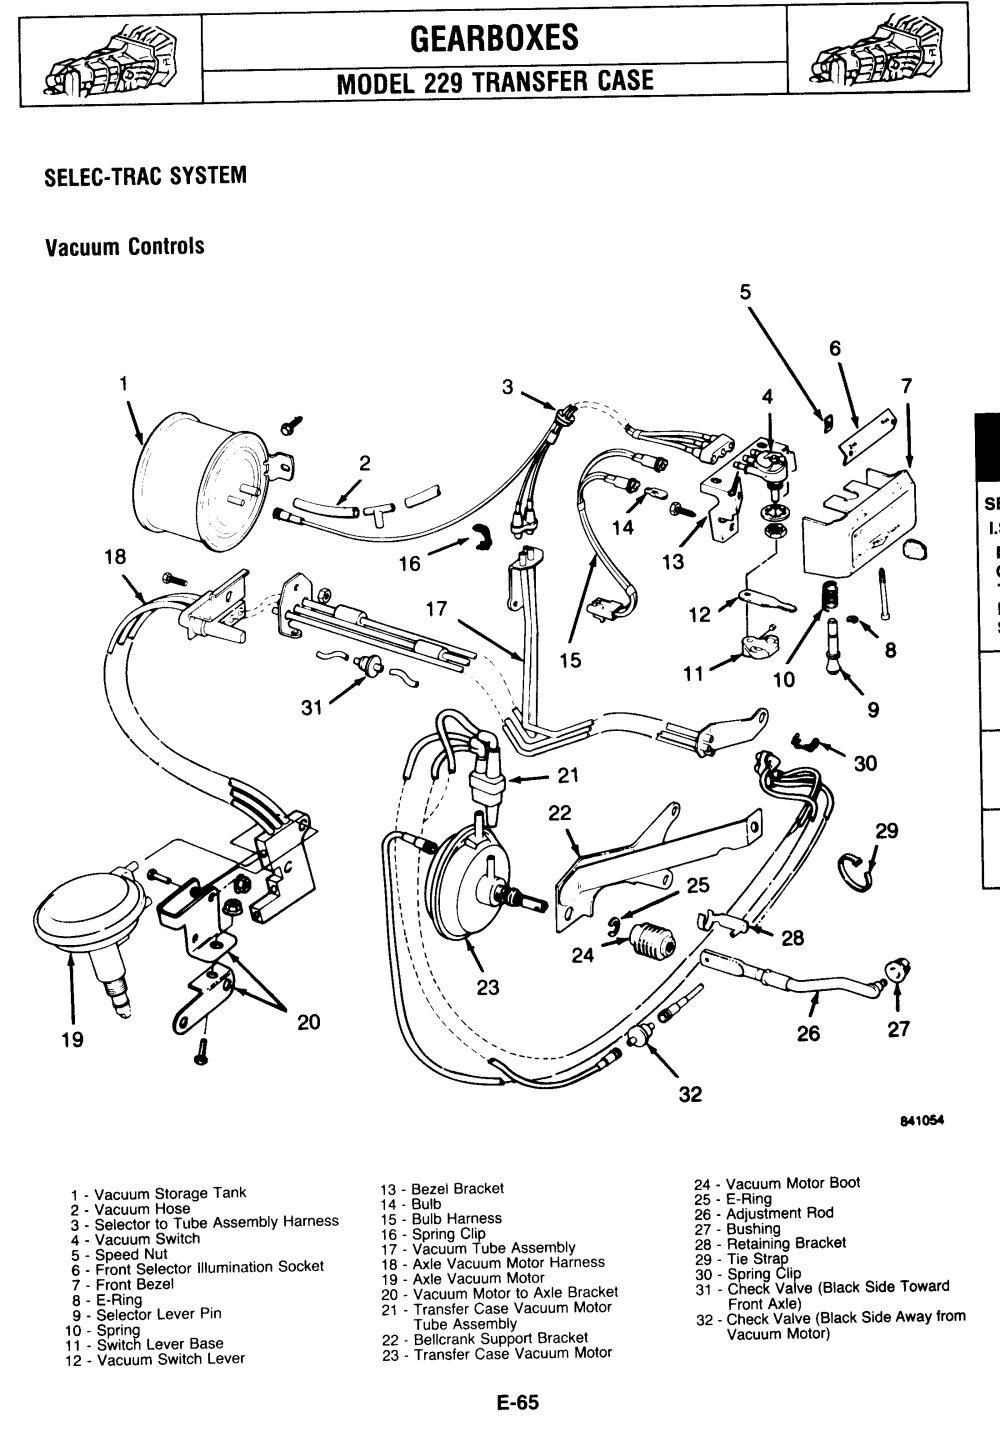 1984 Chevy S10 Vacuum Line Diagram